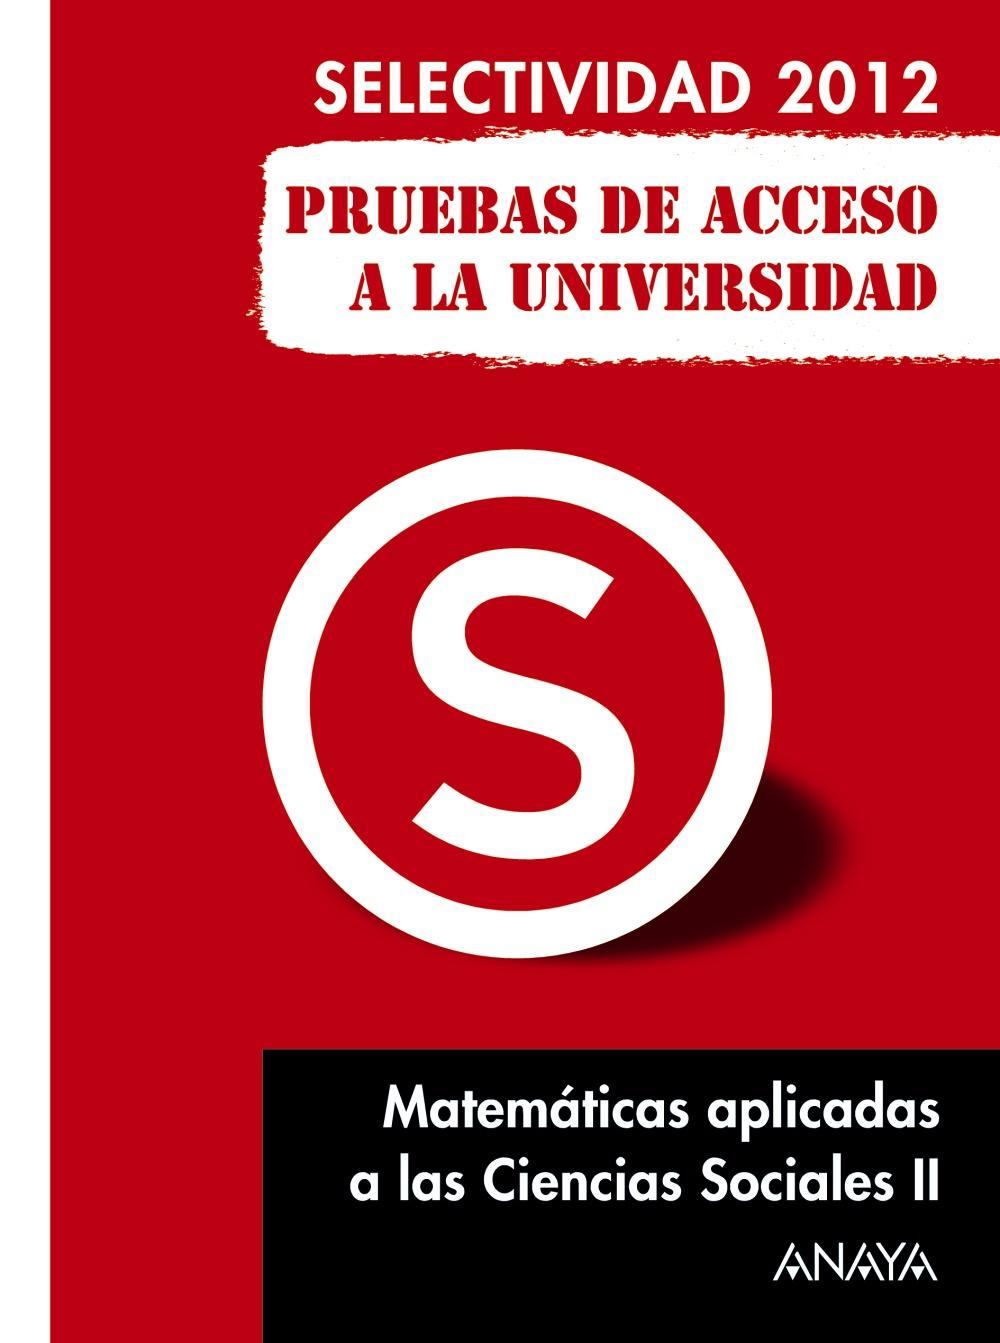 matematicas-aplicada-sselectividad